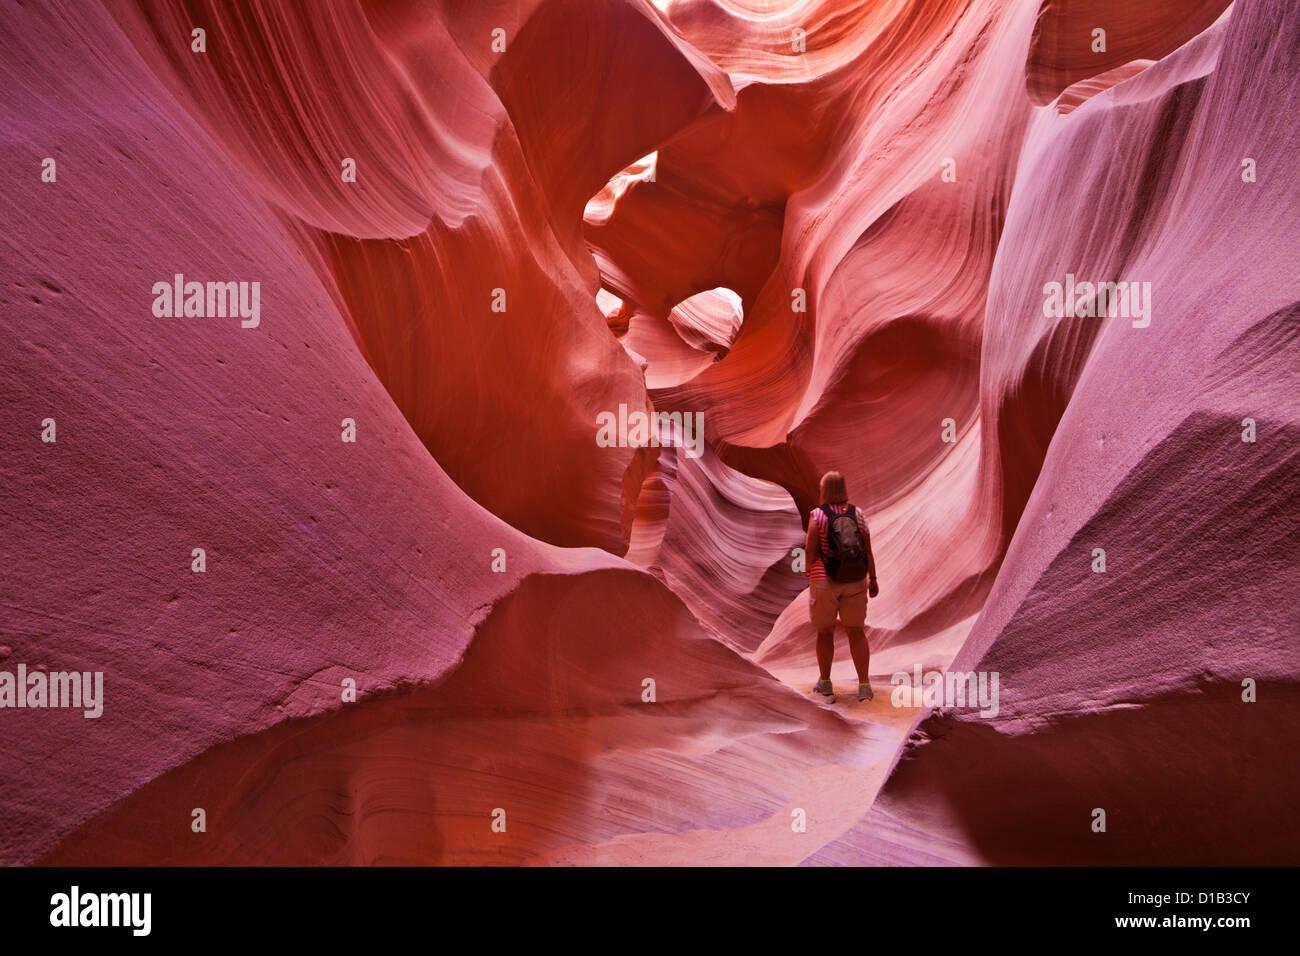 Mujeres turistas caminante y formaciones rocosas de arenisca, baje el Cañón Antelope, Page, Arizona, EE.UU., Imagen De Stock